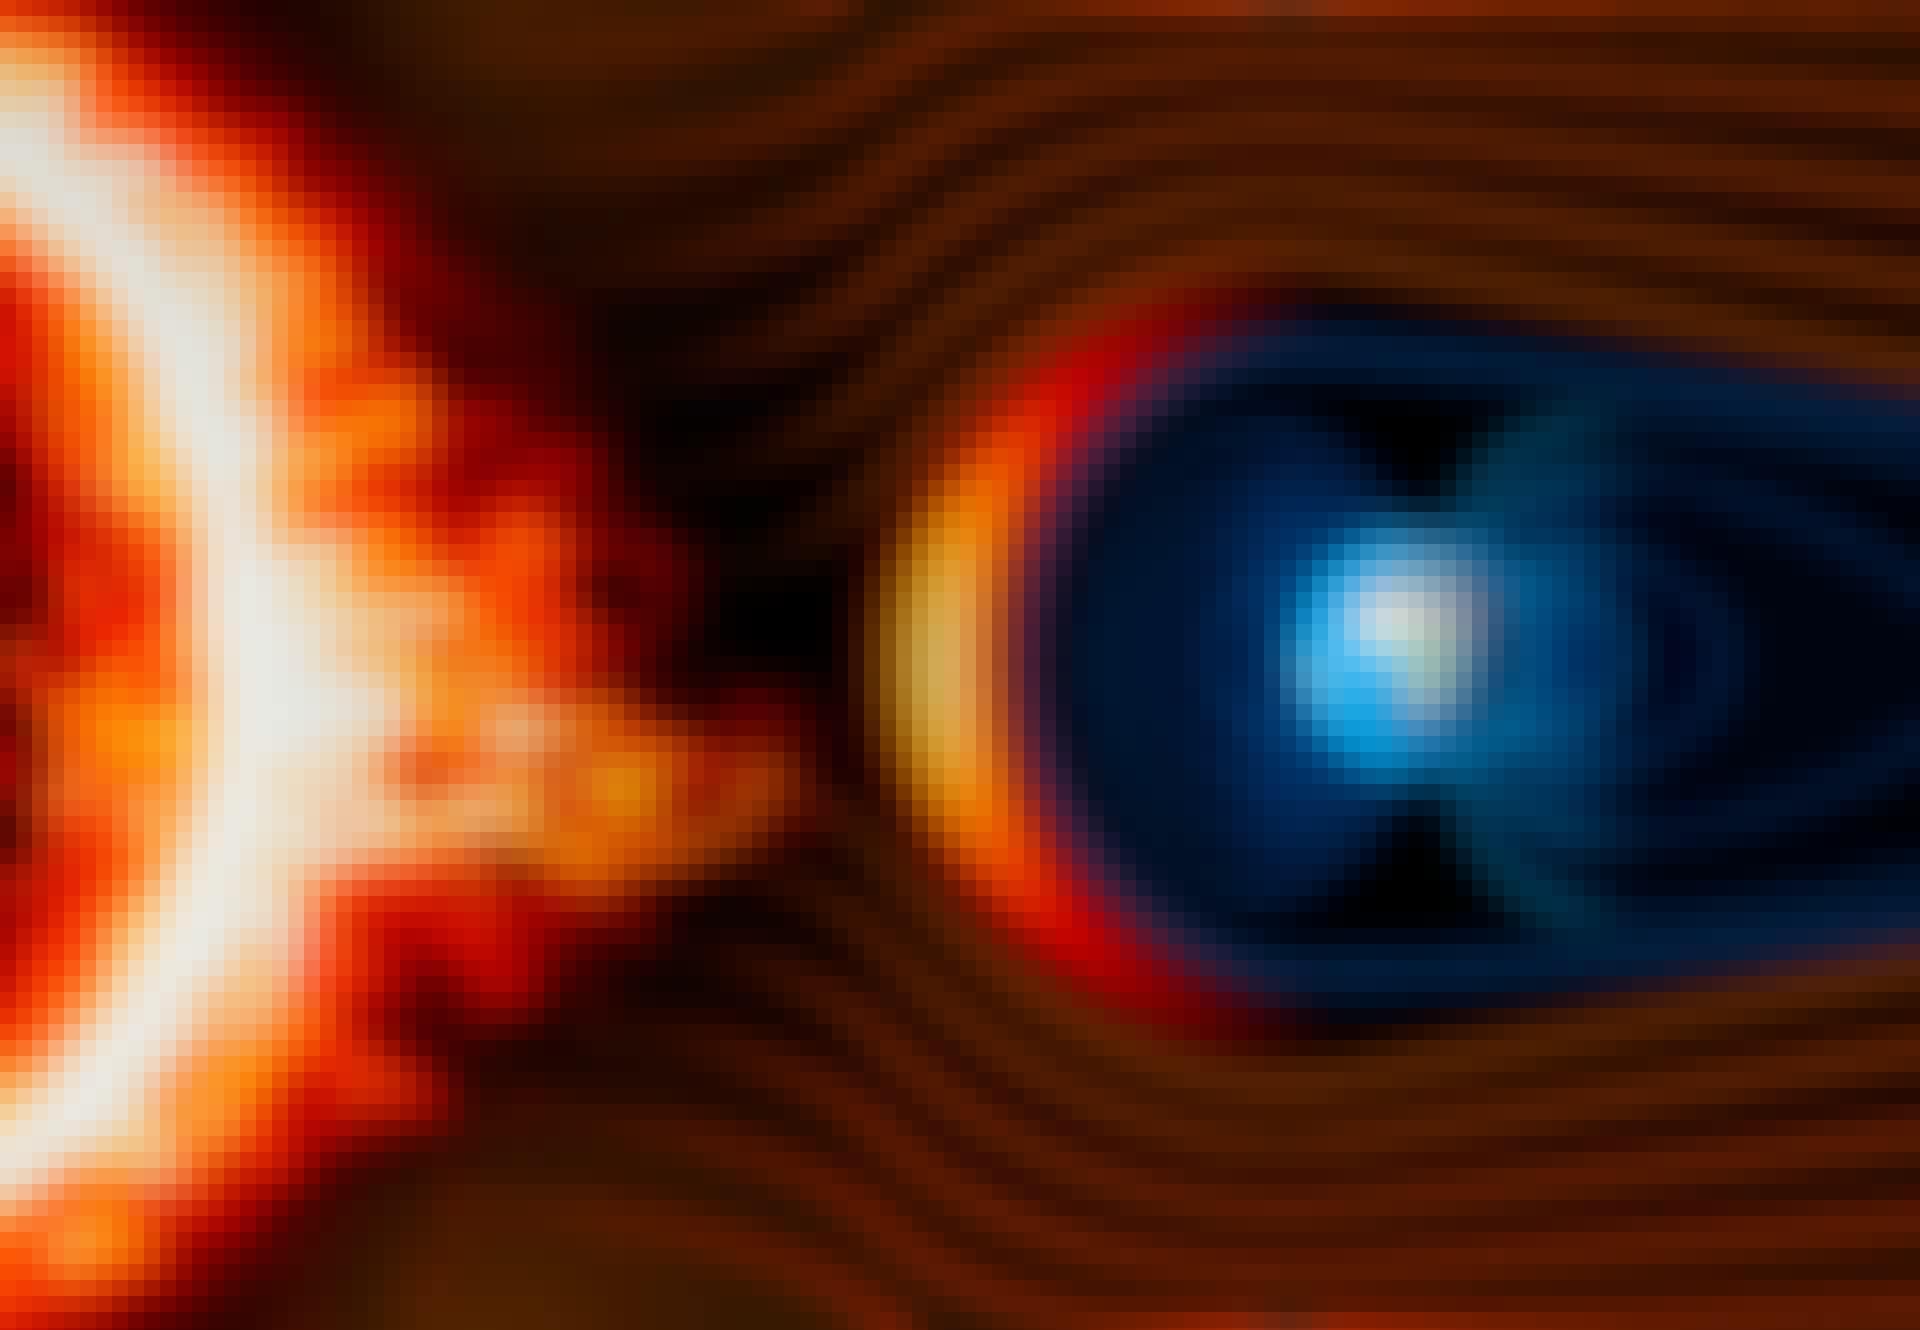 Jordens magnetfelt afbøjer Solens stråling.